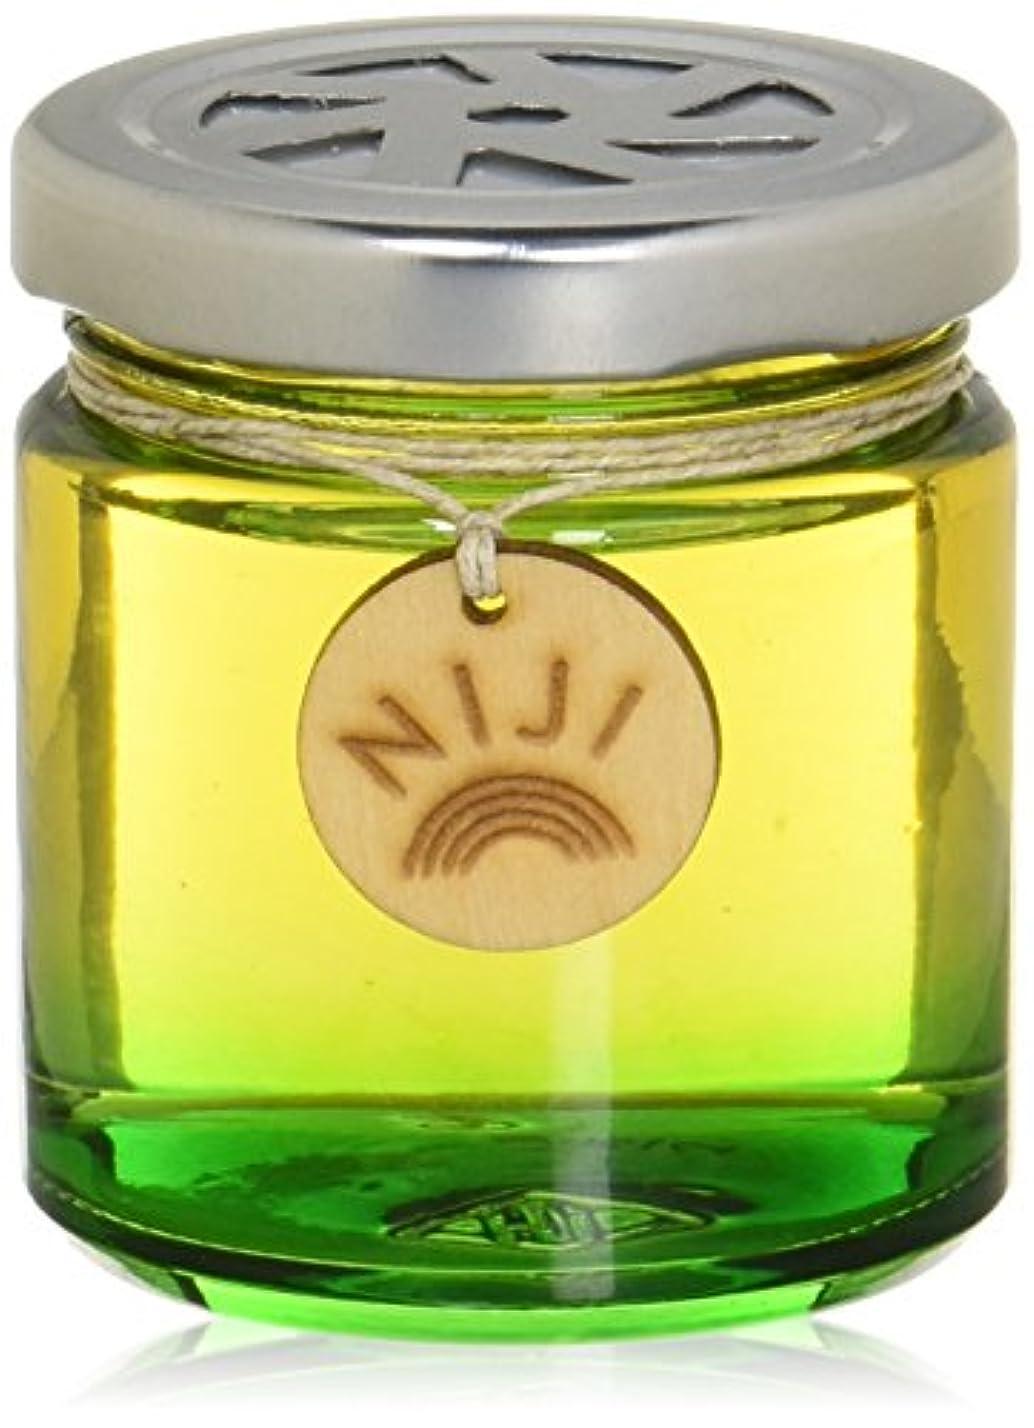 領収書タイト明日NIJI(ニジ) フレグランスゲル(芳香剤) グリーンフラッシュ 90g